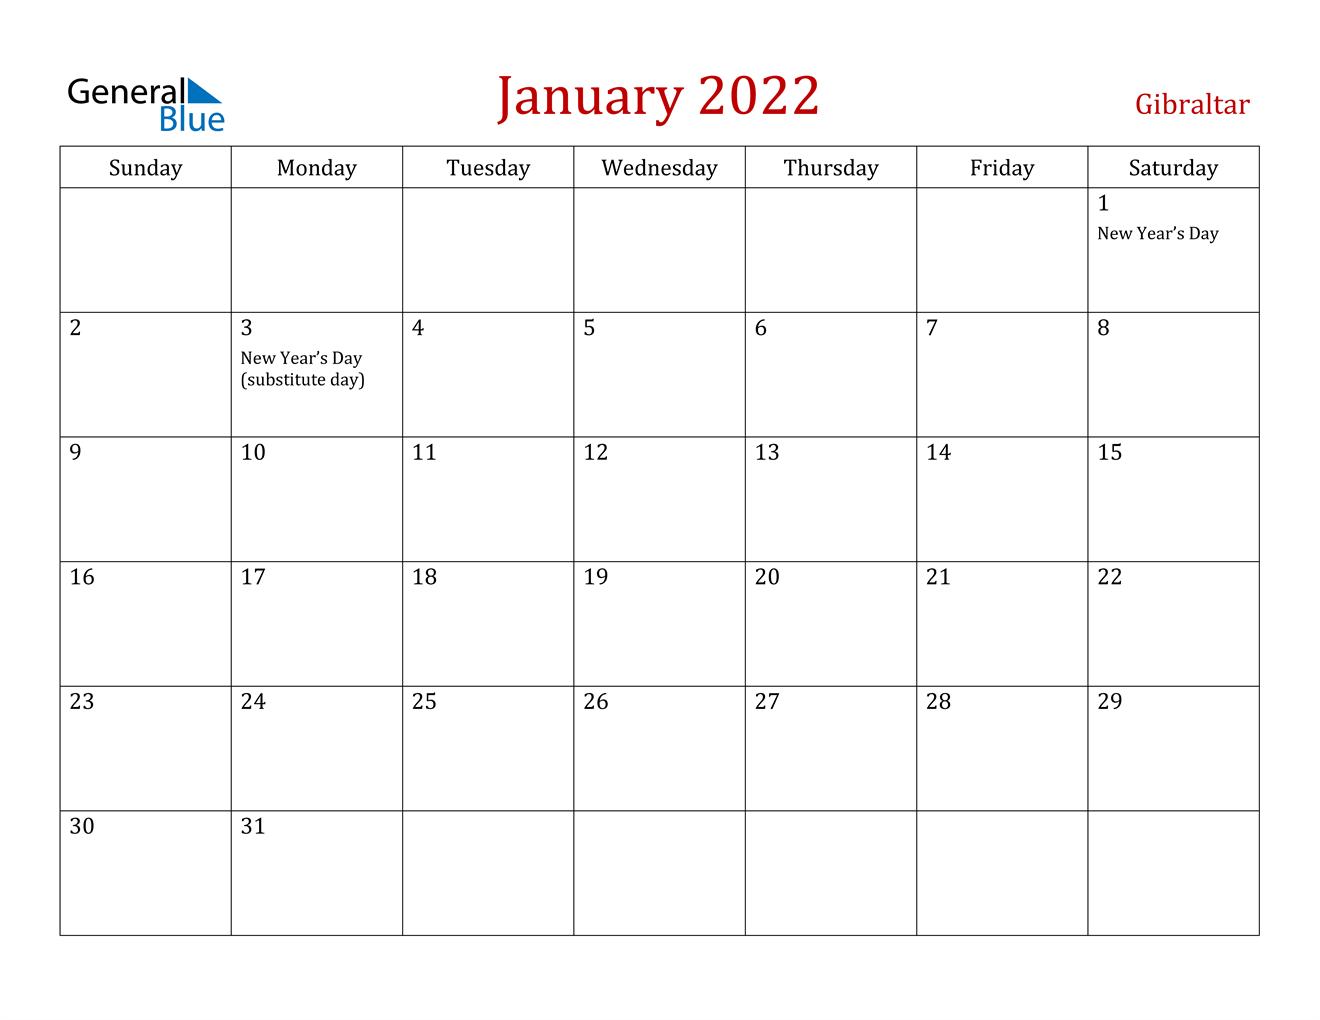 January 2022 Calendar – Gibraltar Intended For January Printable Calendar 2022